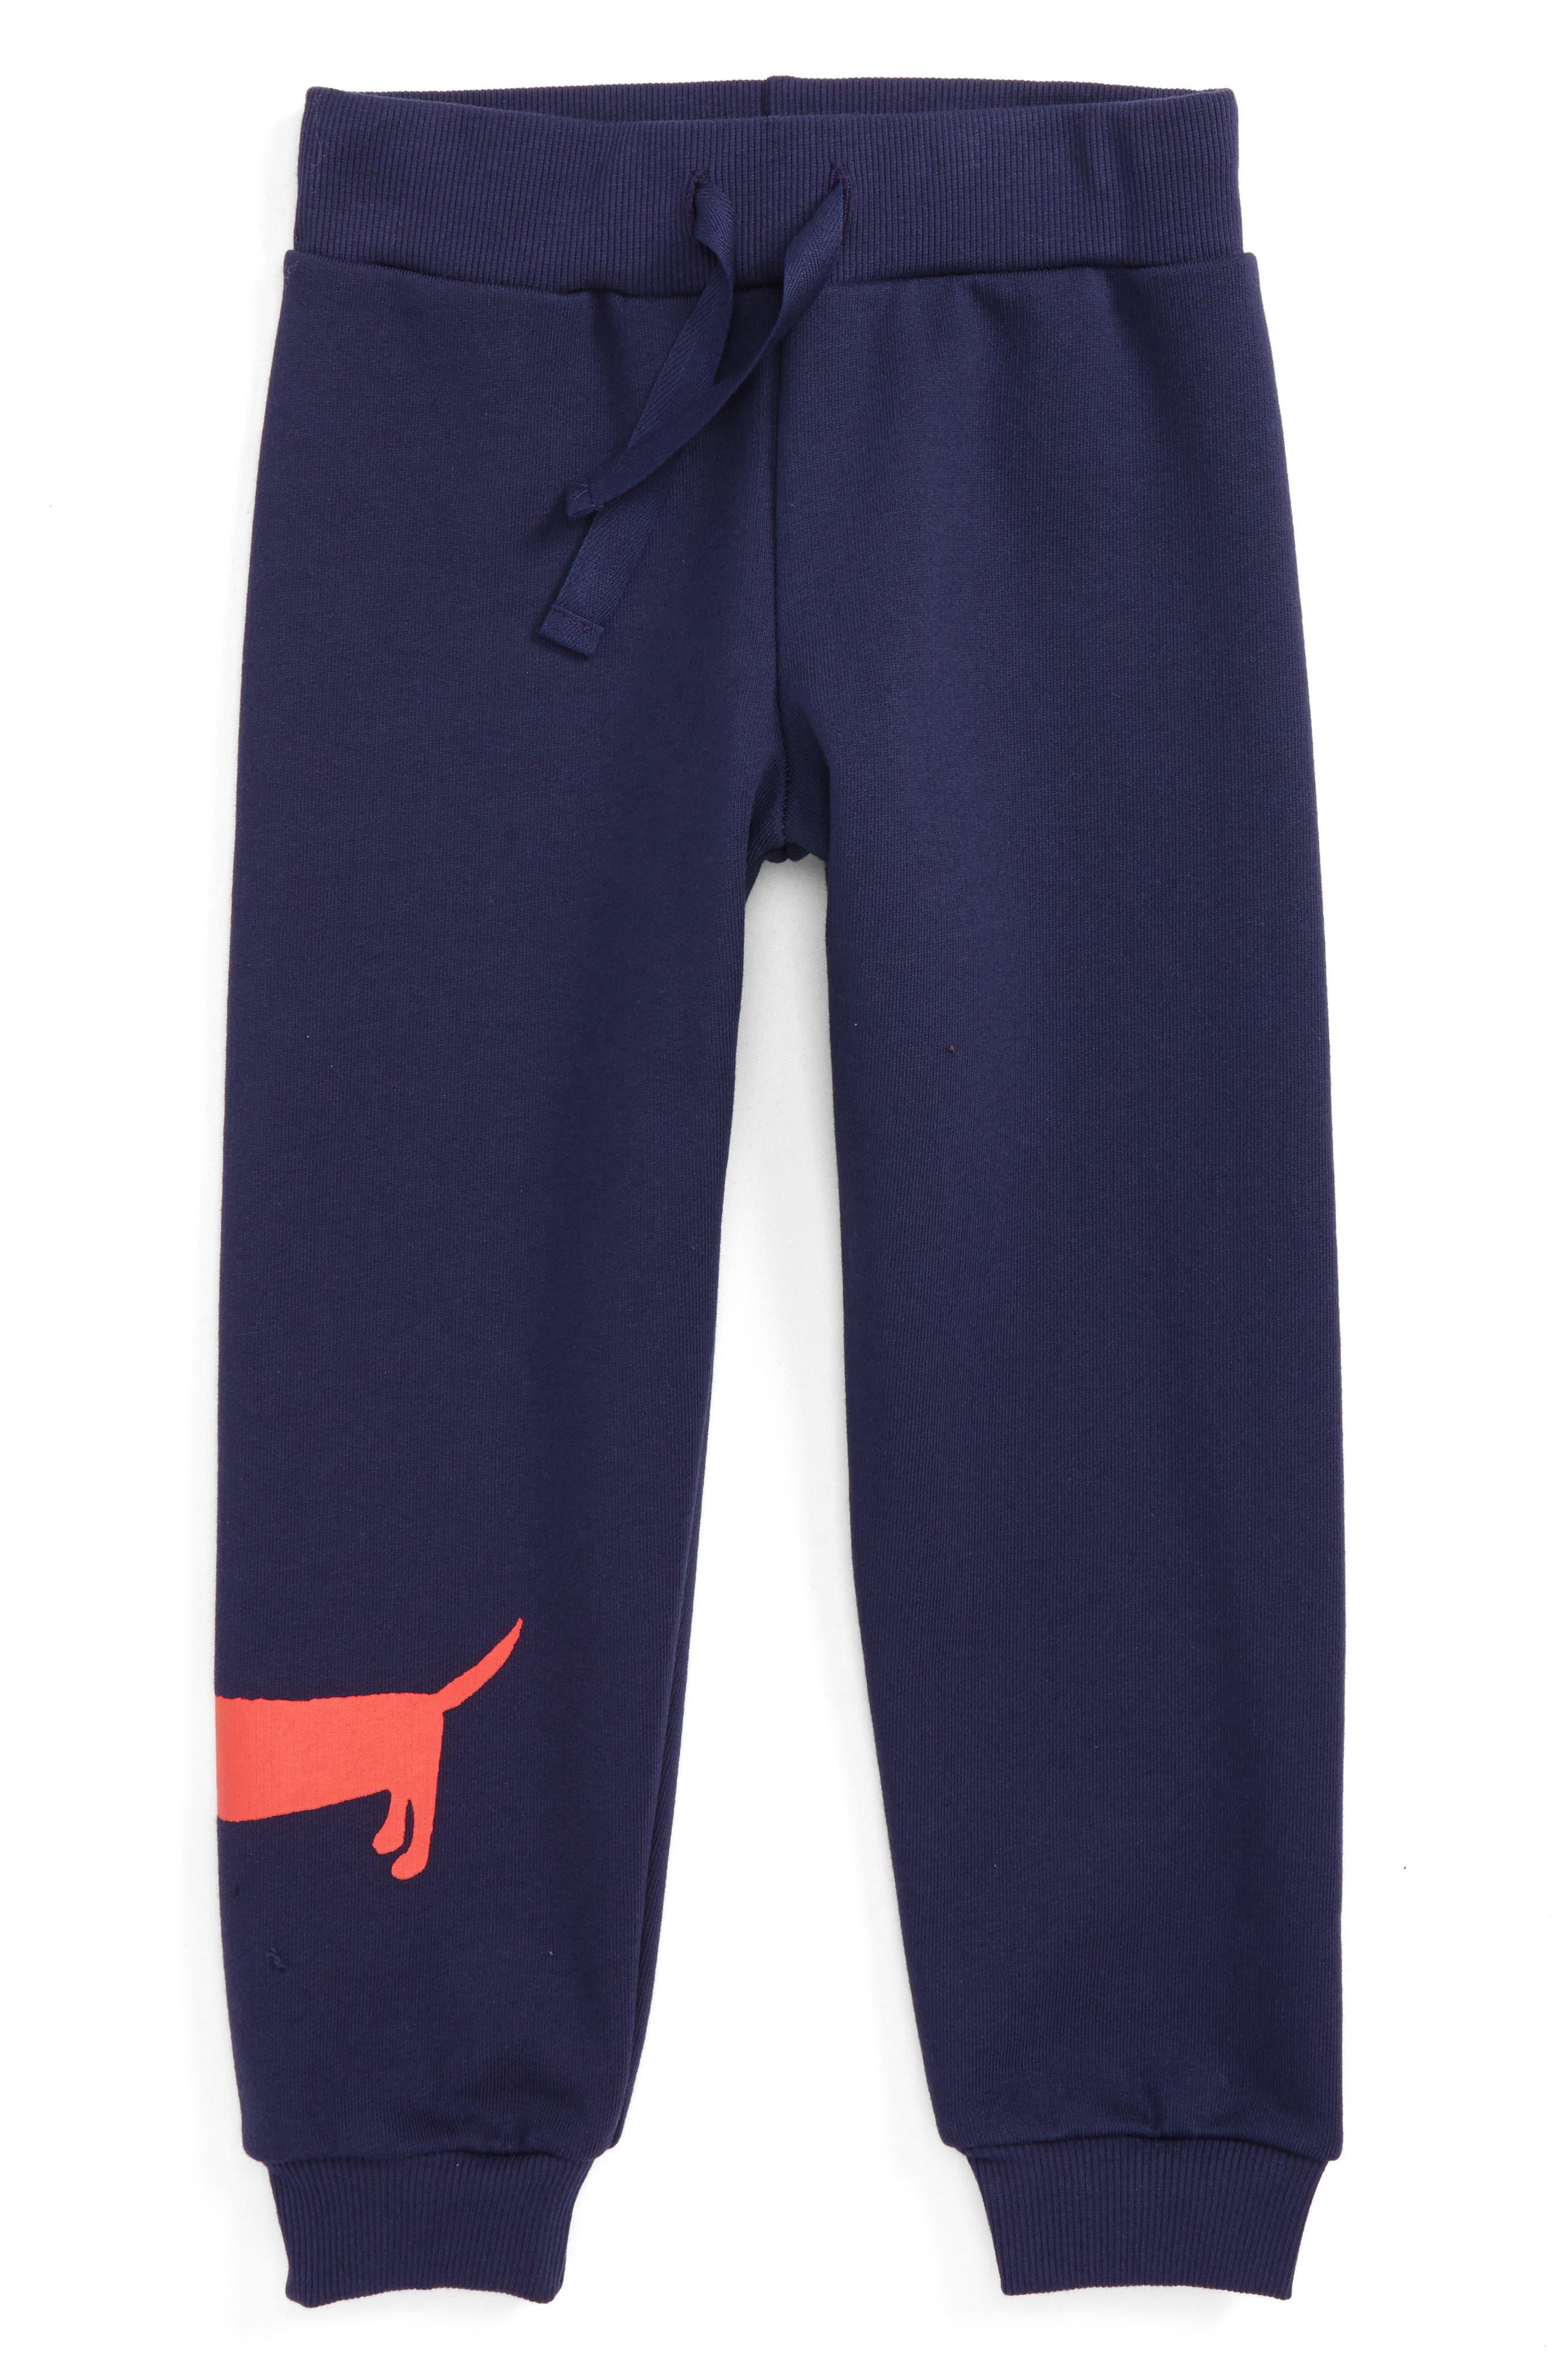 Dog Sweatpants,                             Main thumbnail 1, color,                             Navy